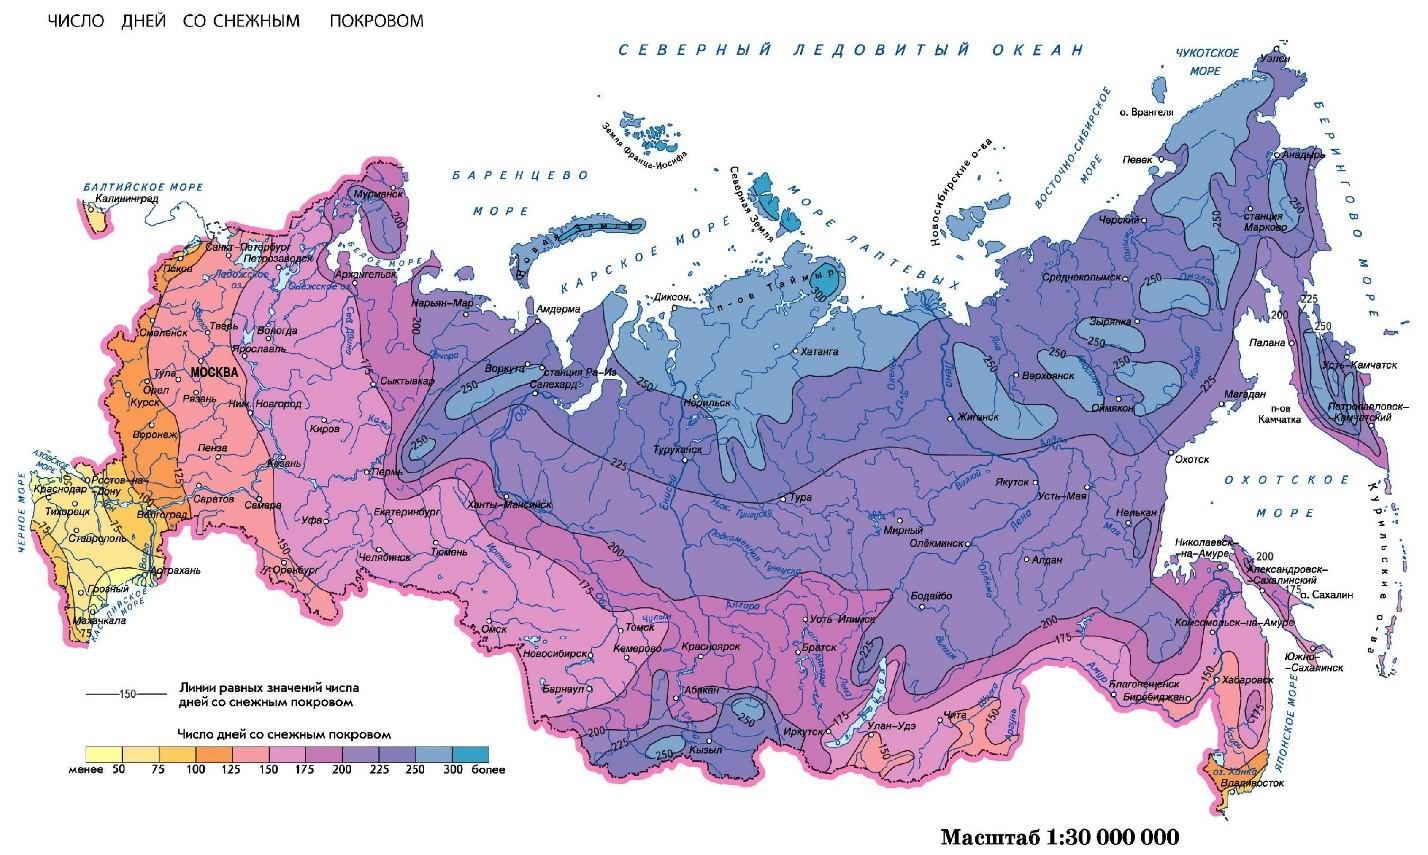 Количество дней со снежным покровом по регионам России